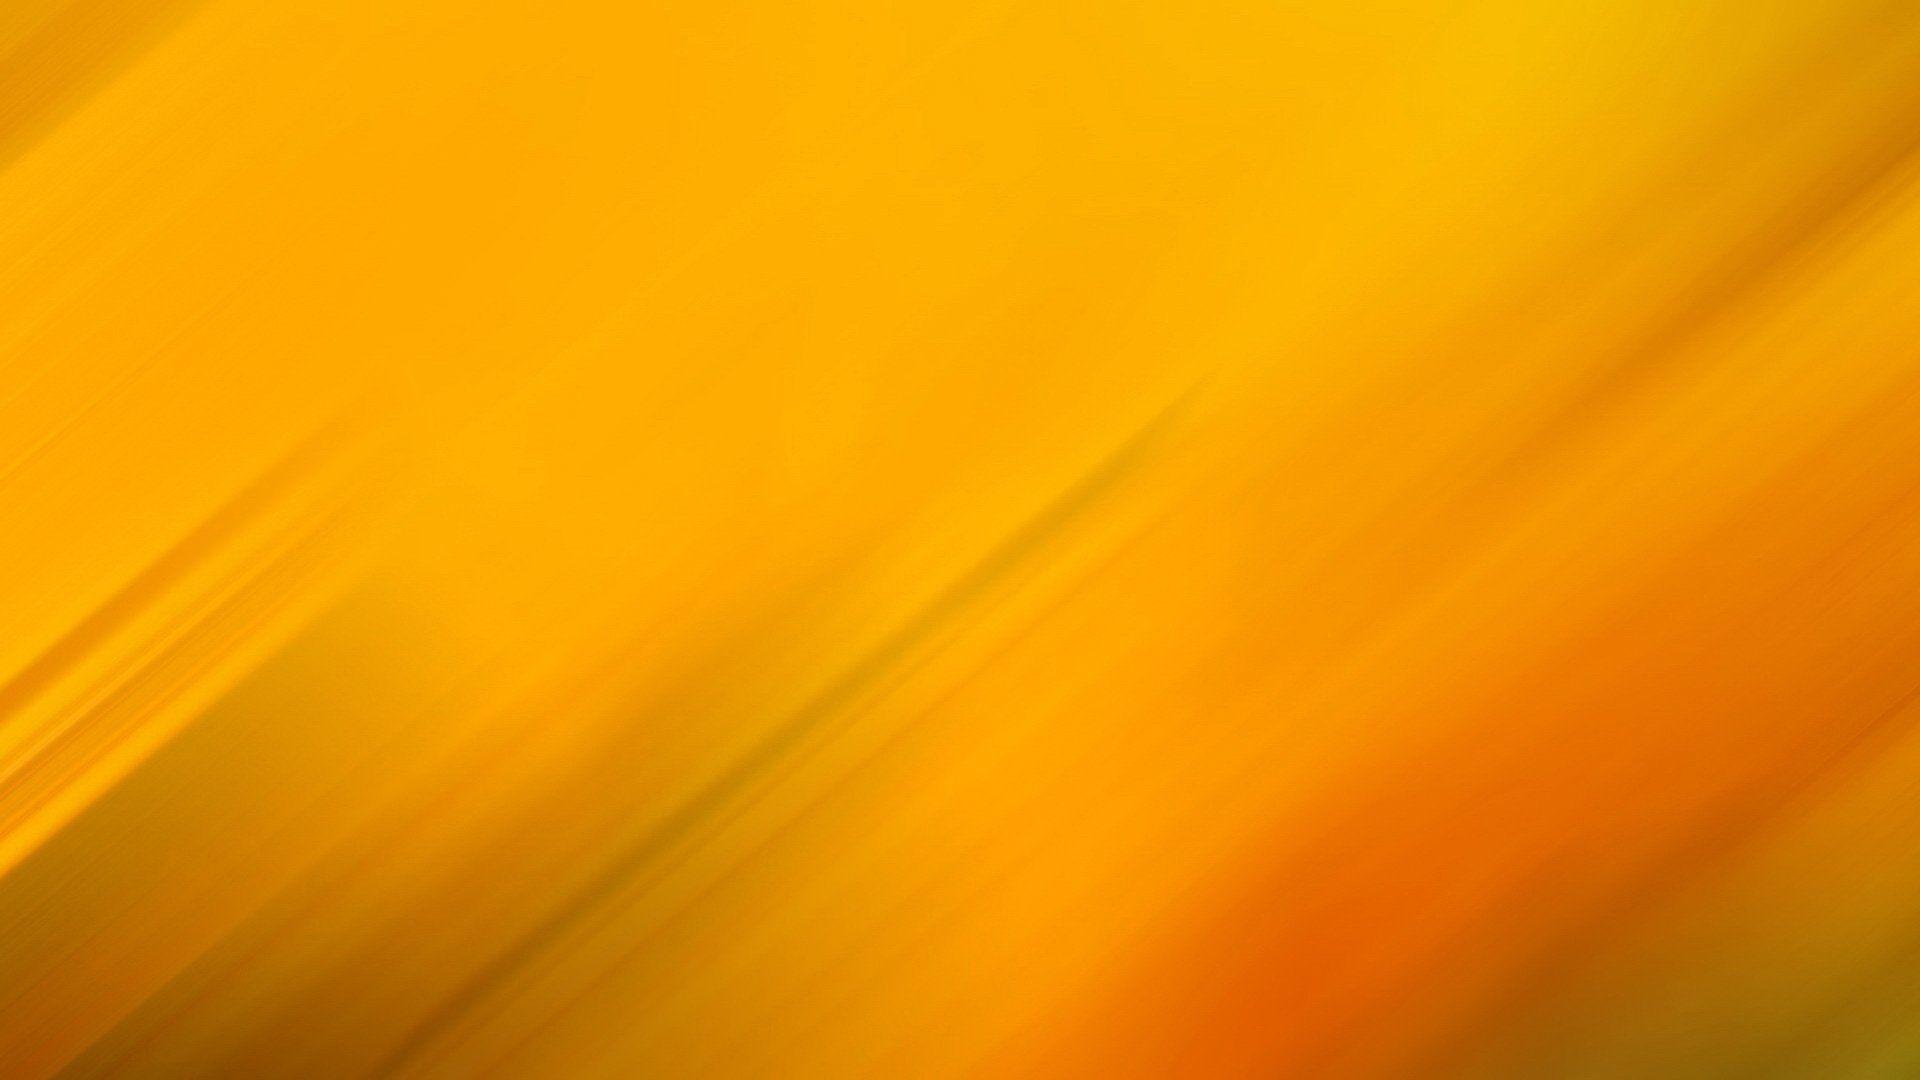 Orange Wallpaper Theme